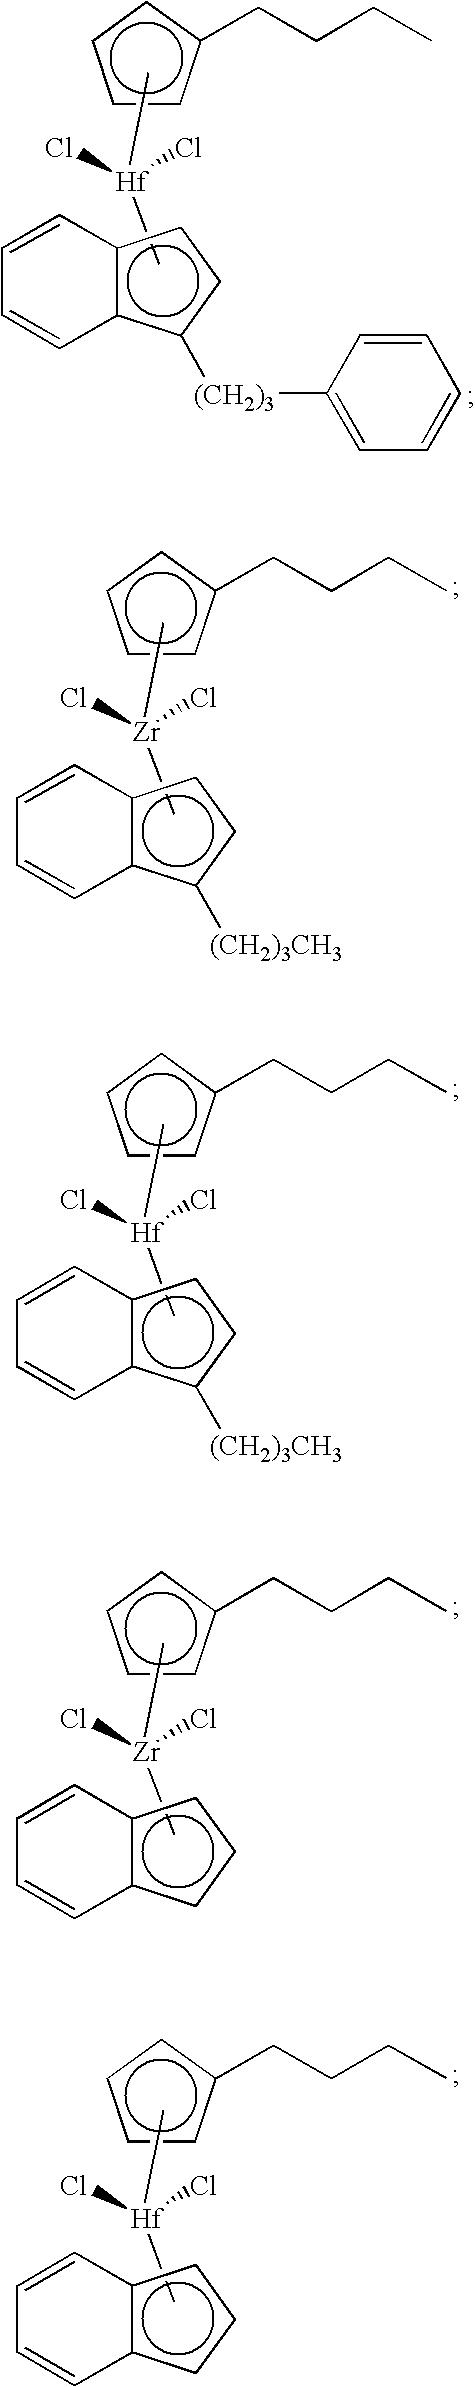 Figure US07226886-20070605-C00018